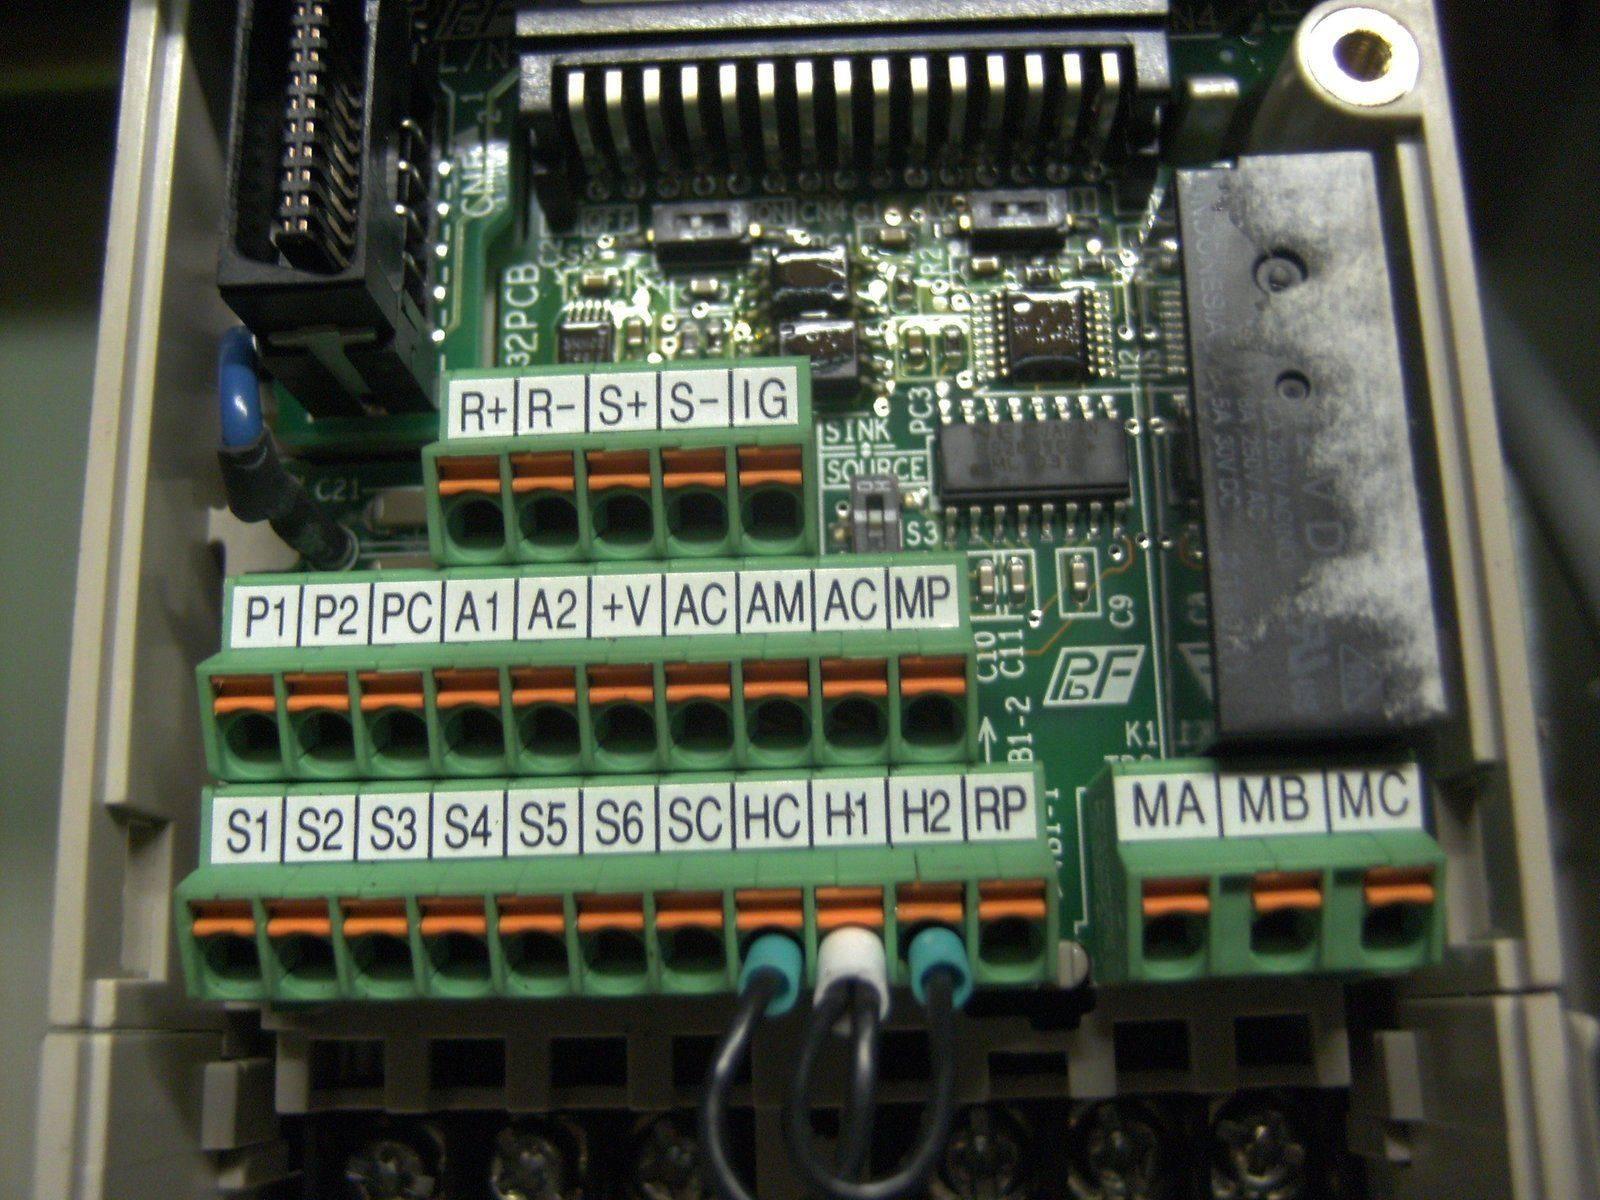 BILD5273.JPG